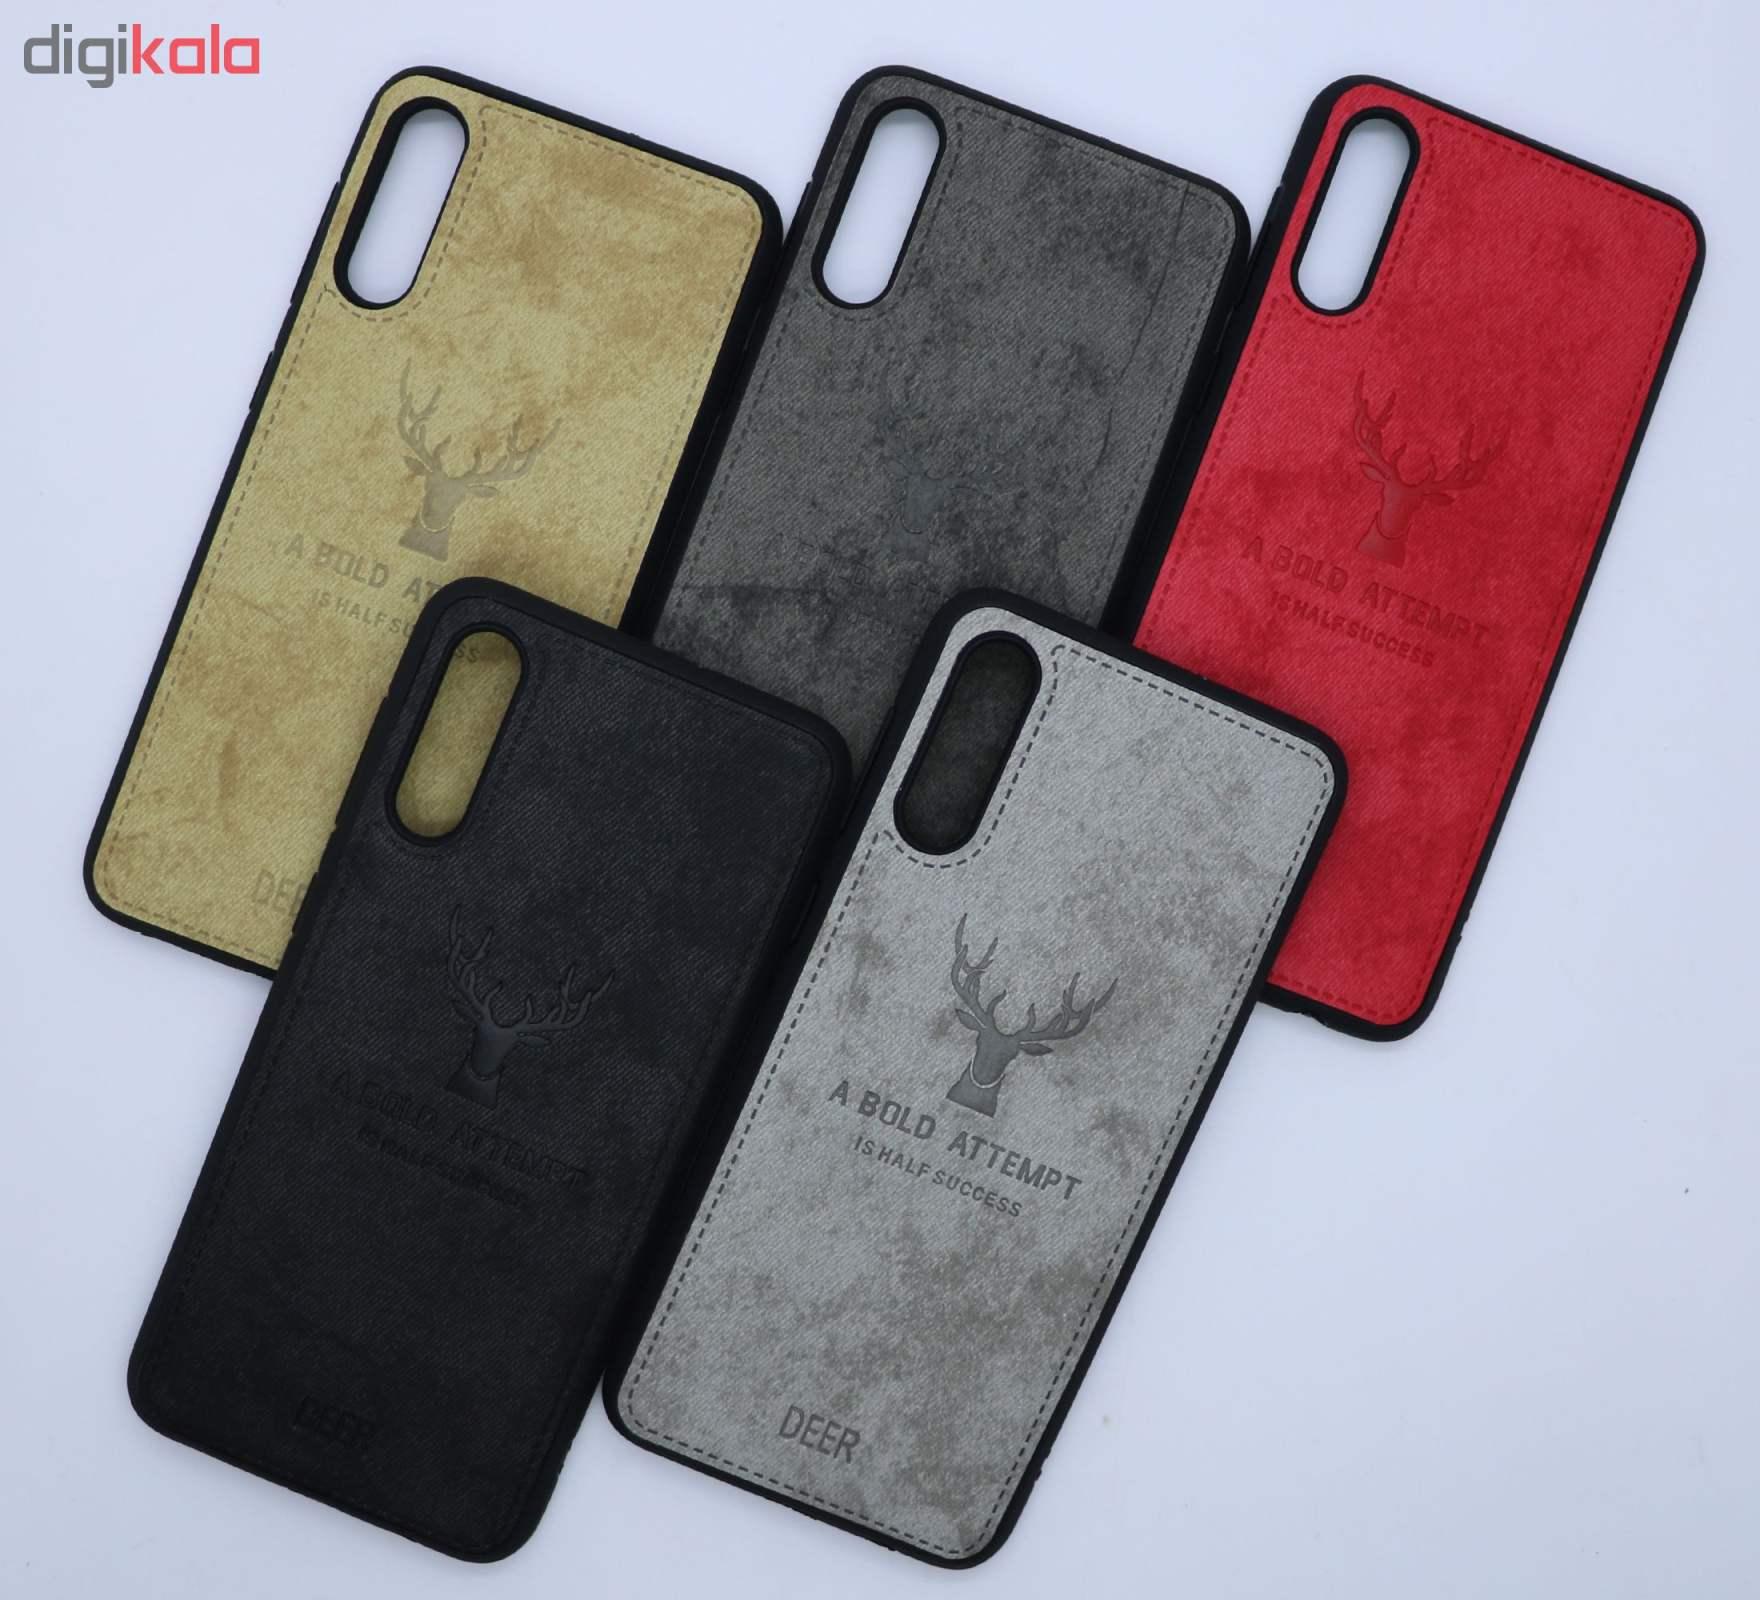 کاور طرح deer-1 مناسب برای گوشی موبایل سامسونگ galaxy A50 main 1 1